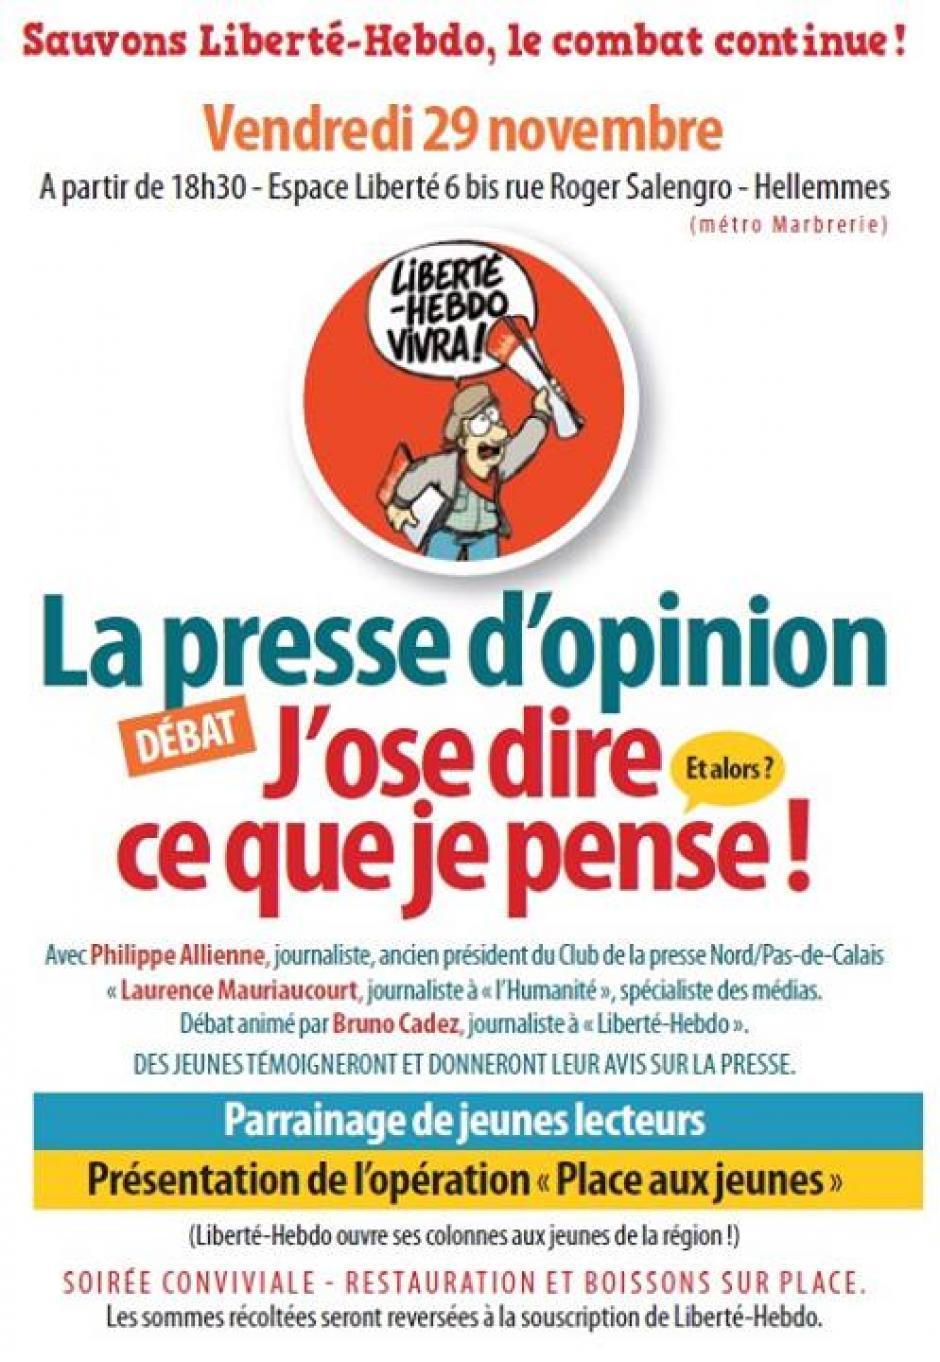 LA PRESSE D OPINION, J'OSE DIRE CE QUE J'EN PENSE ! soirée-débat de soutien à Liberté Hebdo Vendredi 29 Novembre